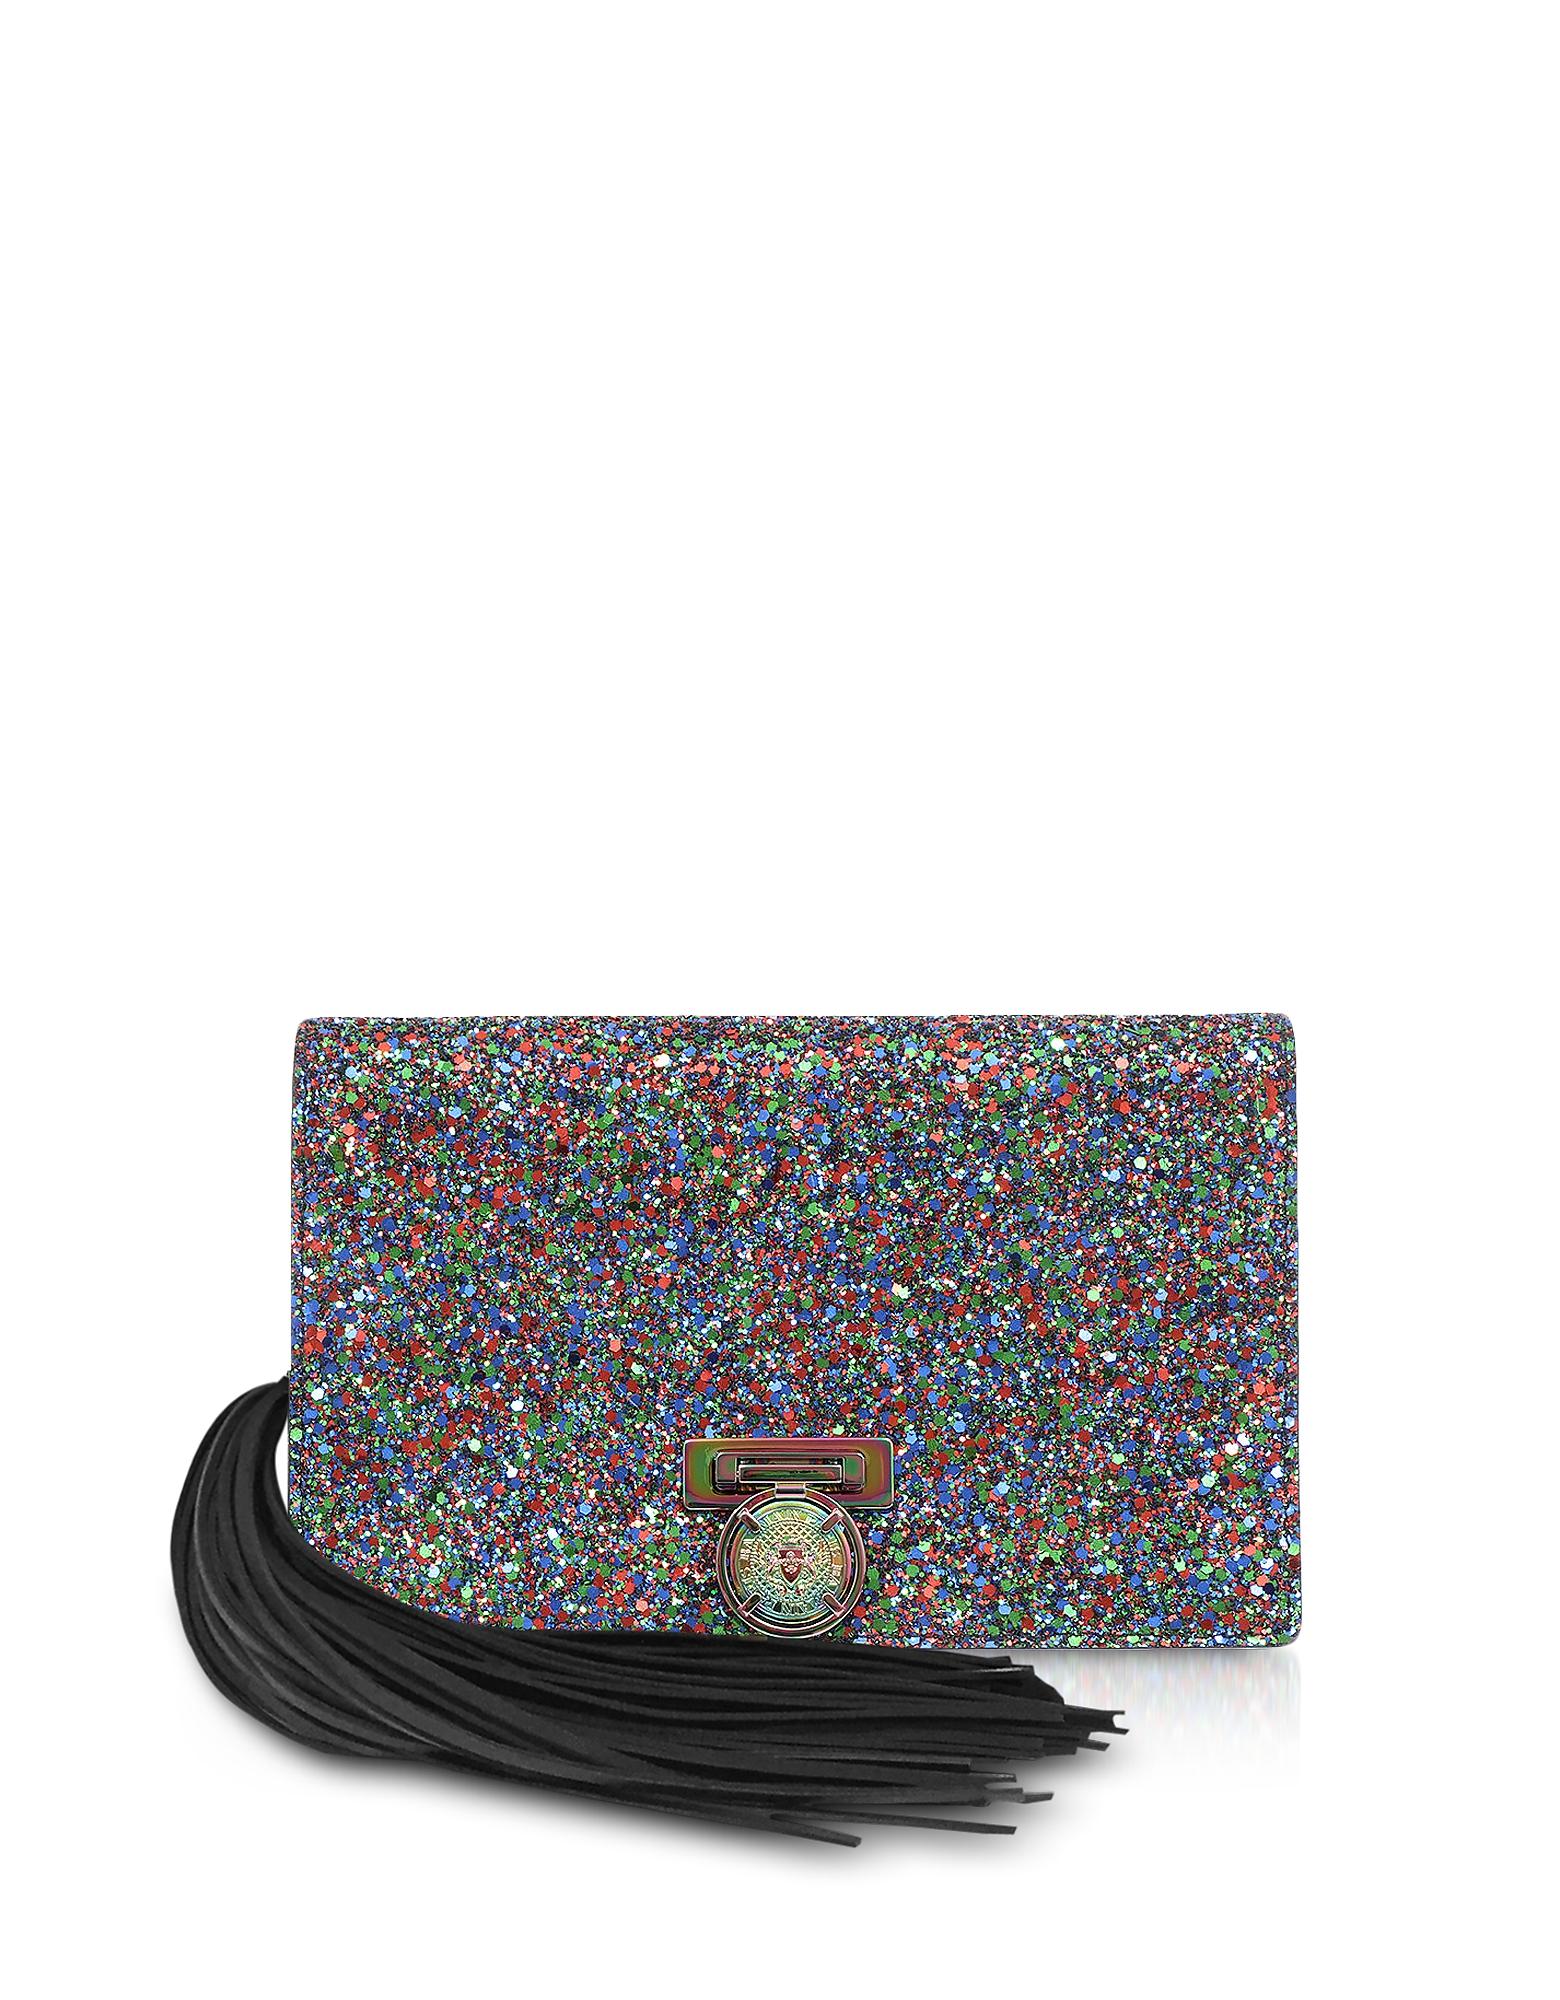 Balmain Handbags, Multicolor Glitter BBox Mini Pouch